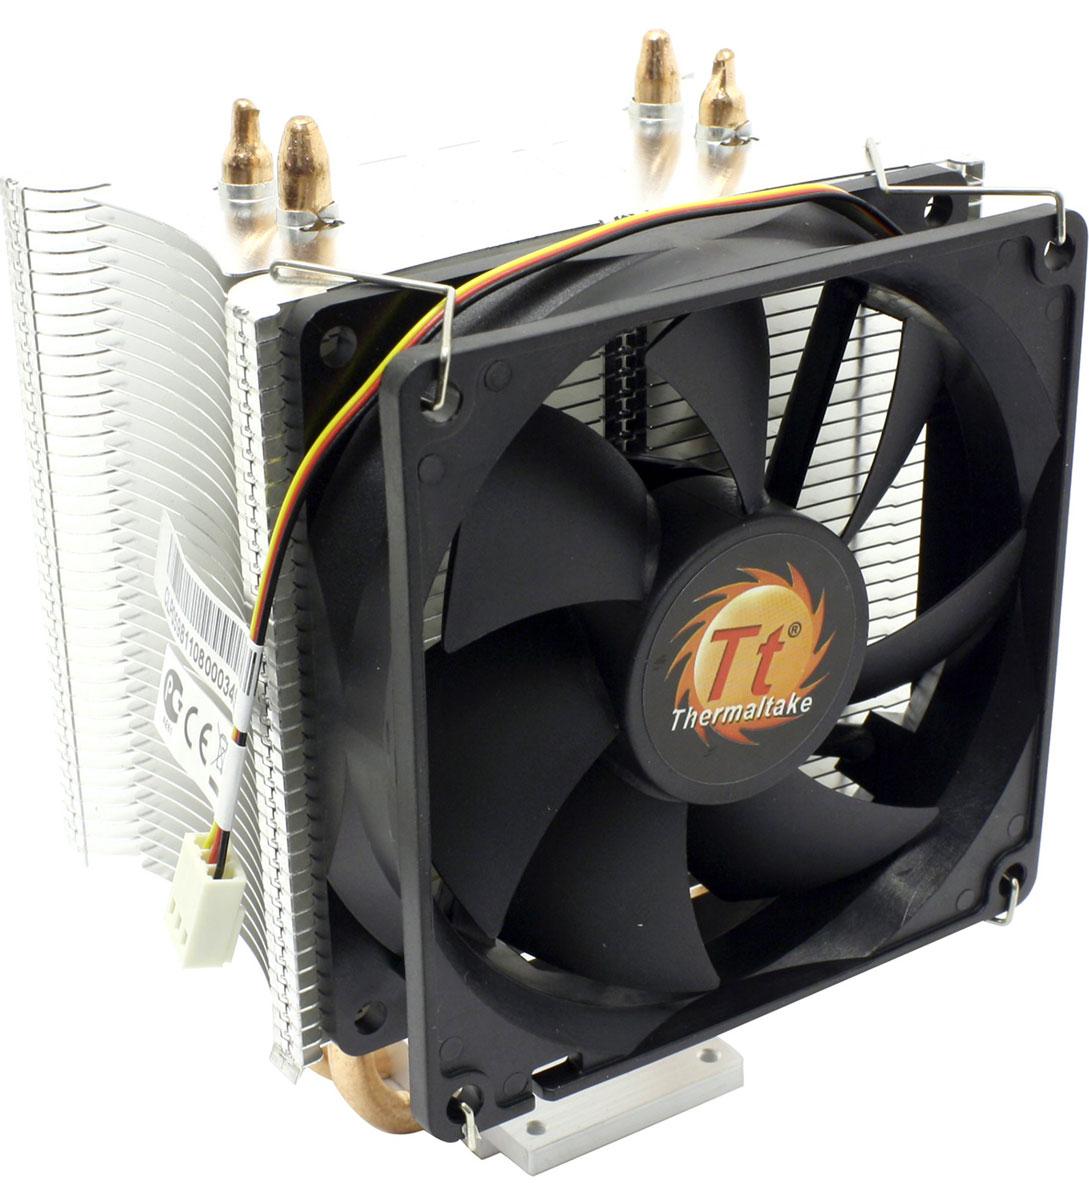 Thermaltake Contac 16 кулер компьютерныйCLP0598Кулер Thermaltake Contac 16 обеспечивает великолепную производительность, благодаря технологии прямого контакта.Две теплотрубки диаметром 6 мм обеспечивают хороший контакт с CPU и улучшают теплопередачу.Высококачественная термопаста обеспечивает высокую теплопередачу между поверхностью CPU и основанием кулера.Предустановленный 92 мм высокоэффективный вентиляторДополнительно прилагаются две крепежные клипсы для второго вентилятораКак собрать игровой компьютер. Статья OZON Гид